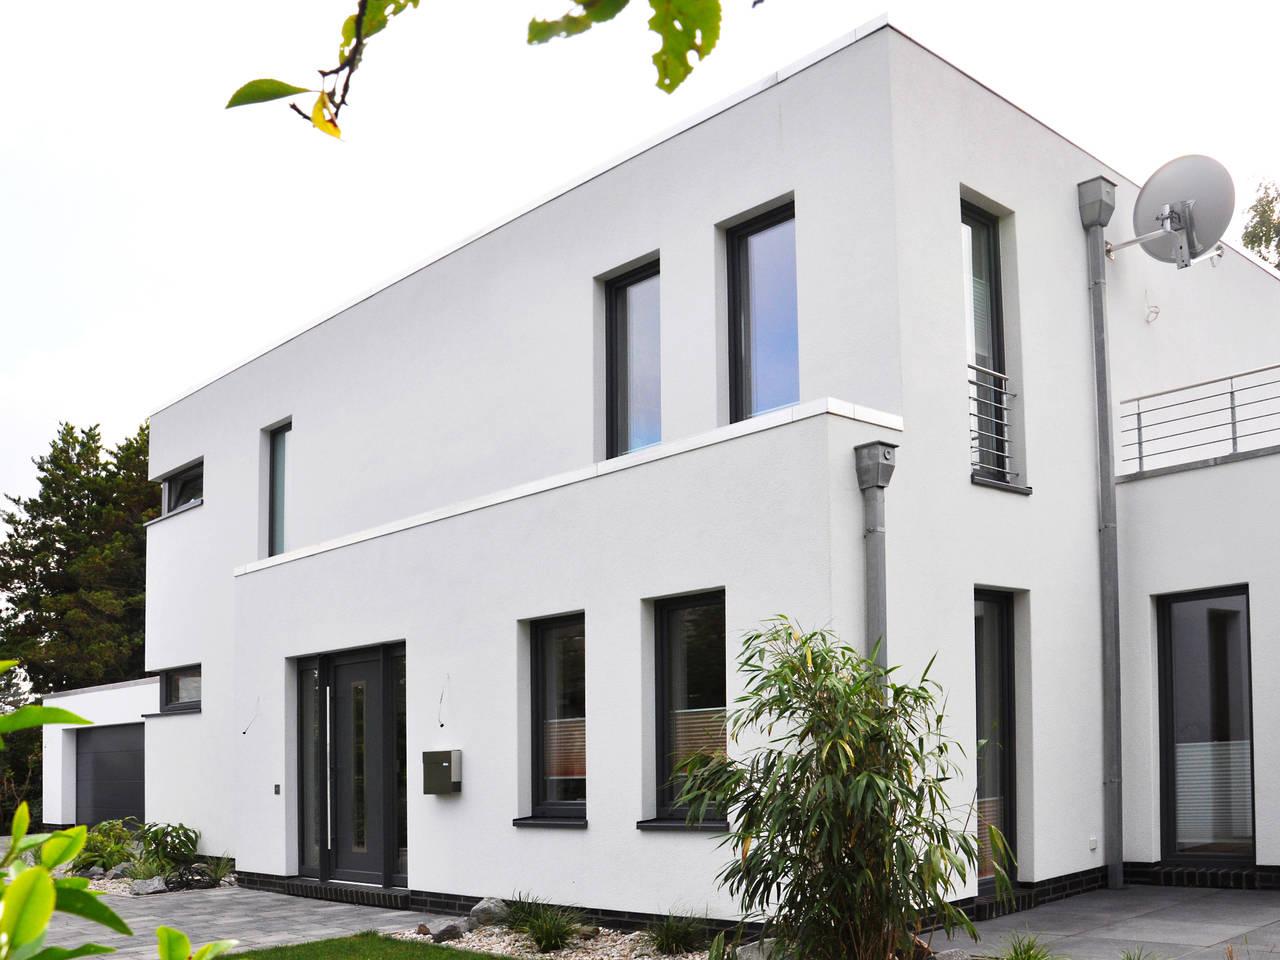 Flachdachhaus im Bauhausstil von Tönjes & Meichsner